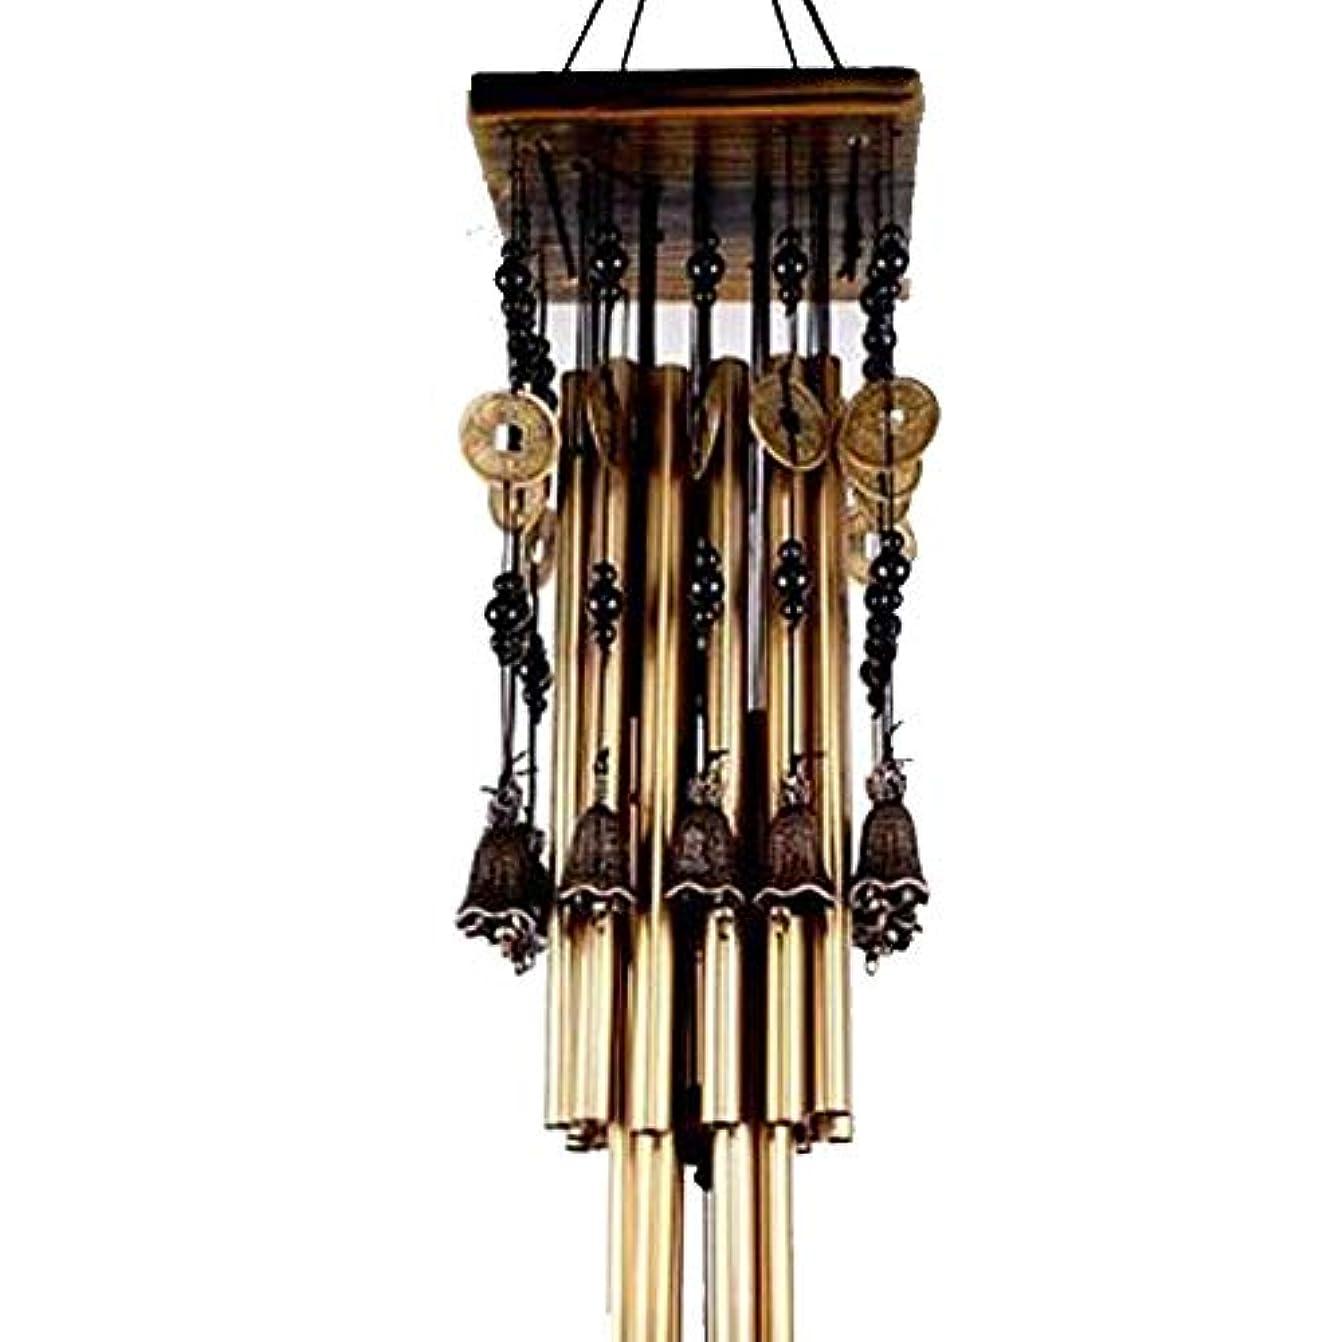 固執証書禁止するYoushangshipin 風チャイム、メタルホームペンダント風の鐘、ゴールド、全身について80CM,美しいギフトボックス (Color : D)